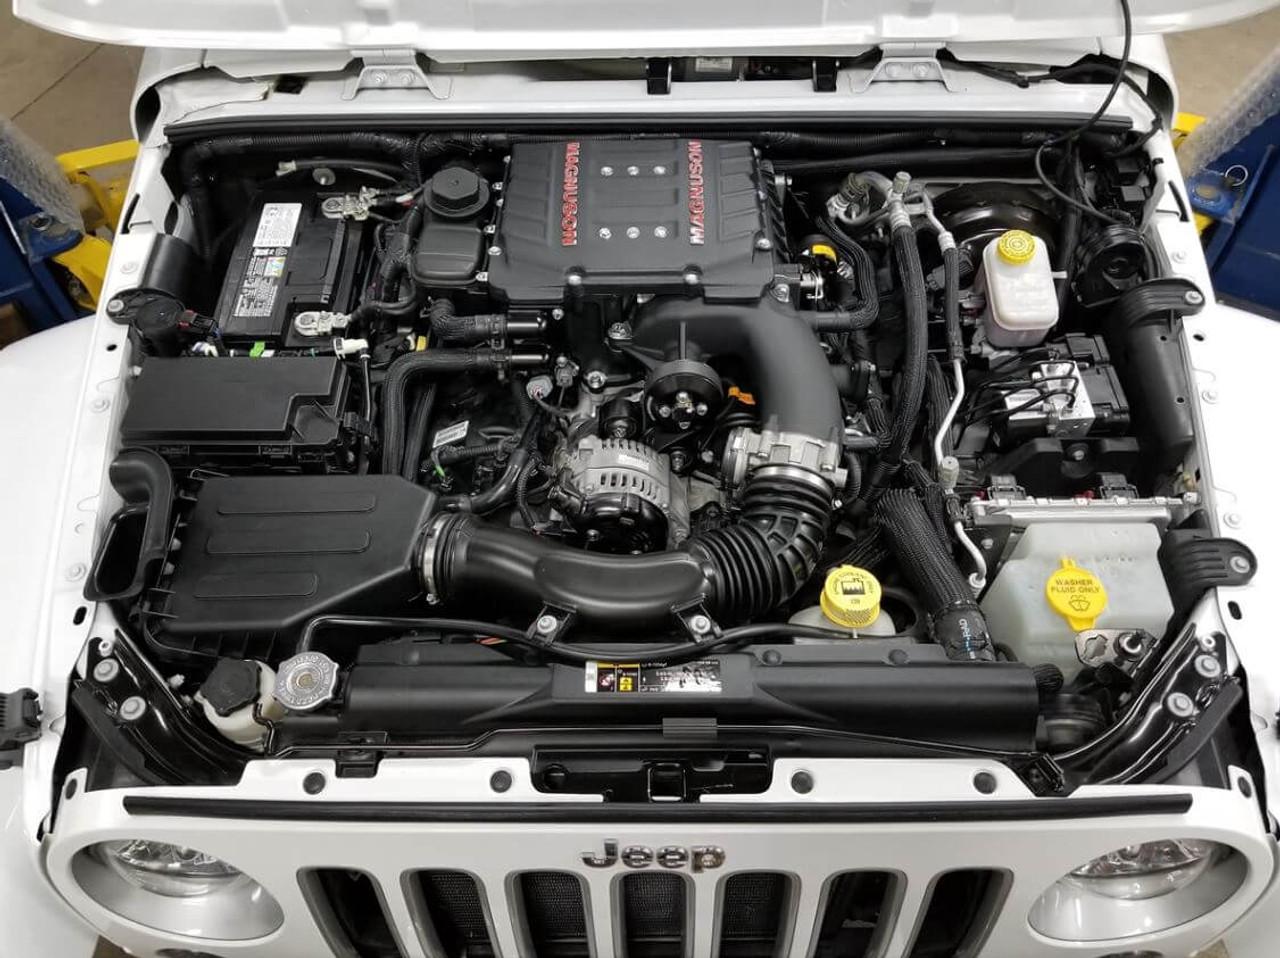 Magnuson TVS1900 Supercharger Kit For 12-18 Jeep Wrangler JK - 01-19-36-000-BL